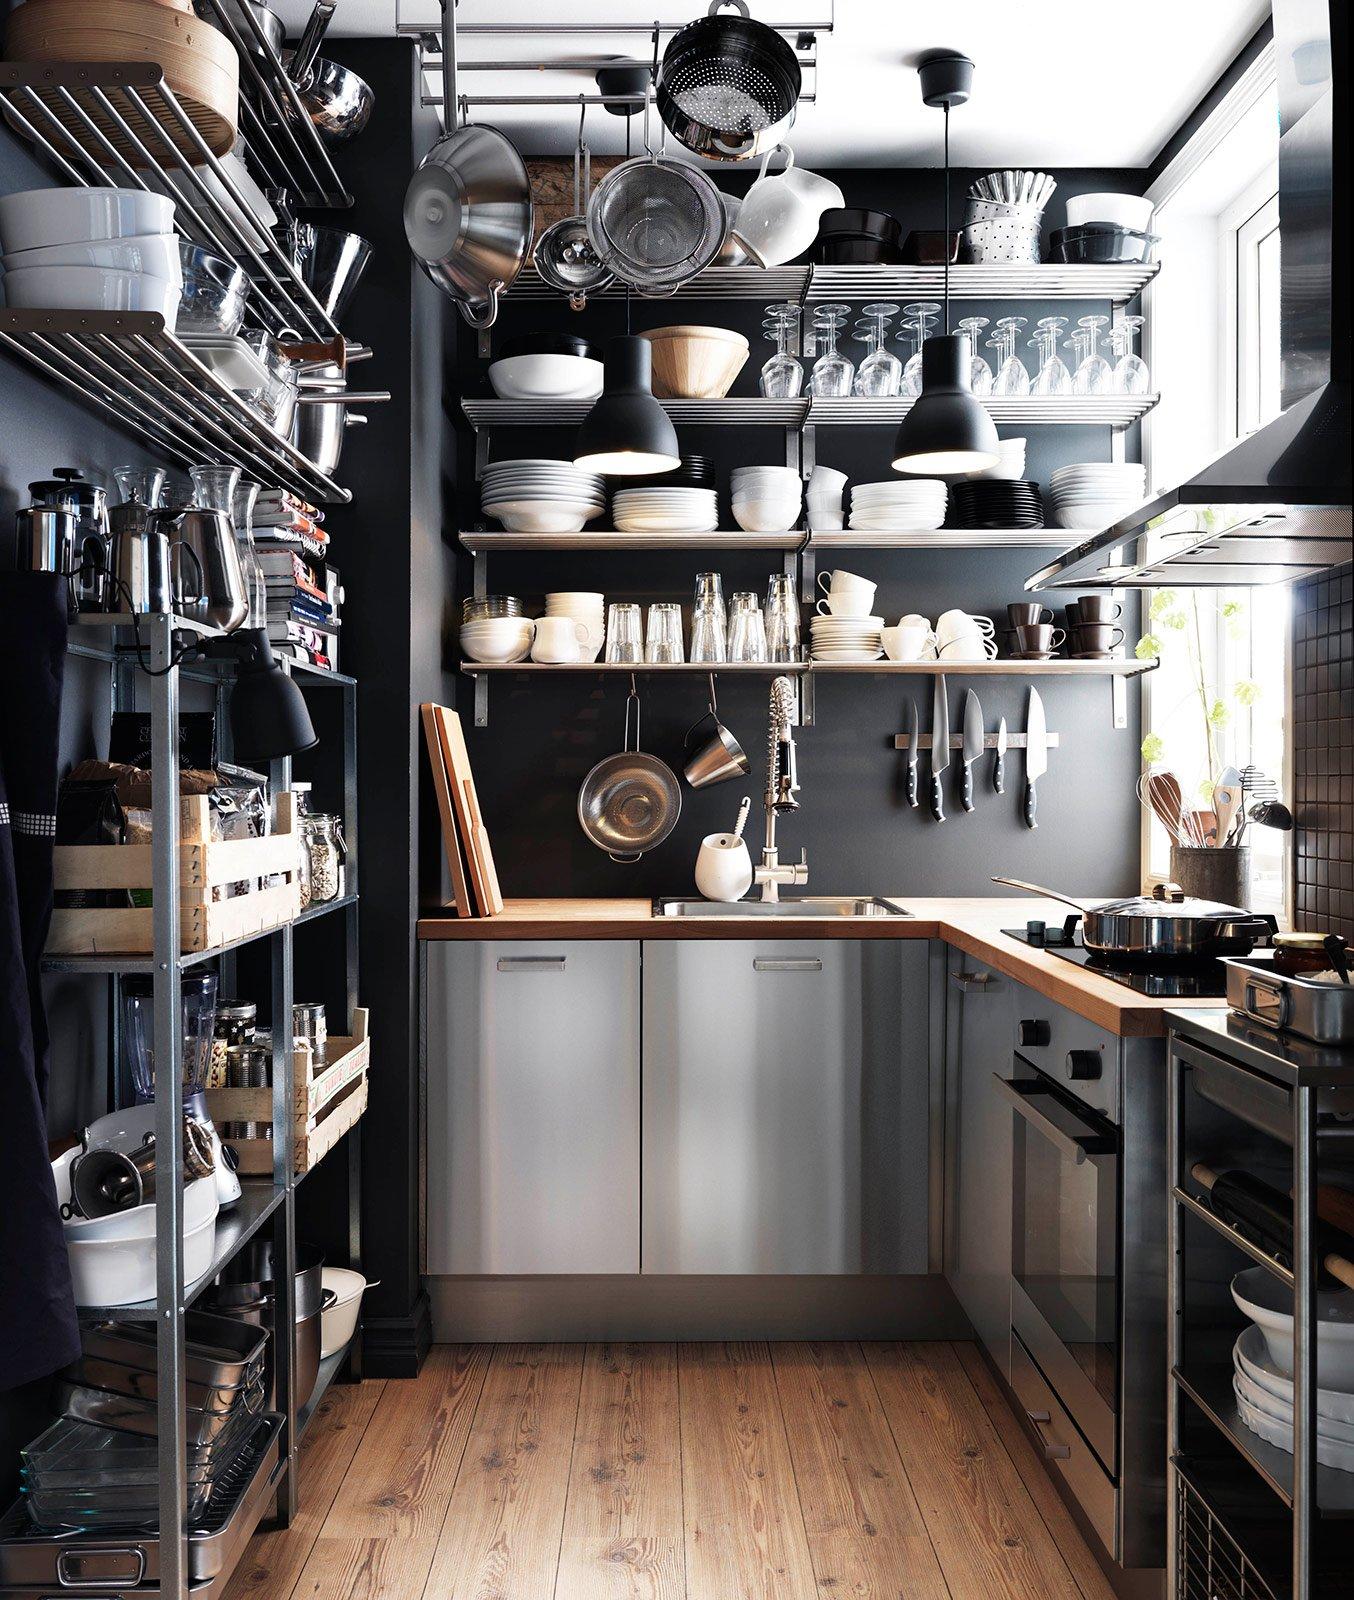 cucina: che moduli scelgo per la dispensa - cose di casa - Cucine Acciaio Ikea